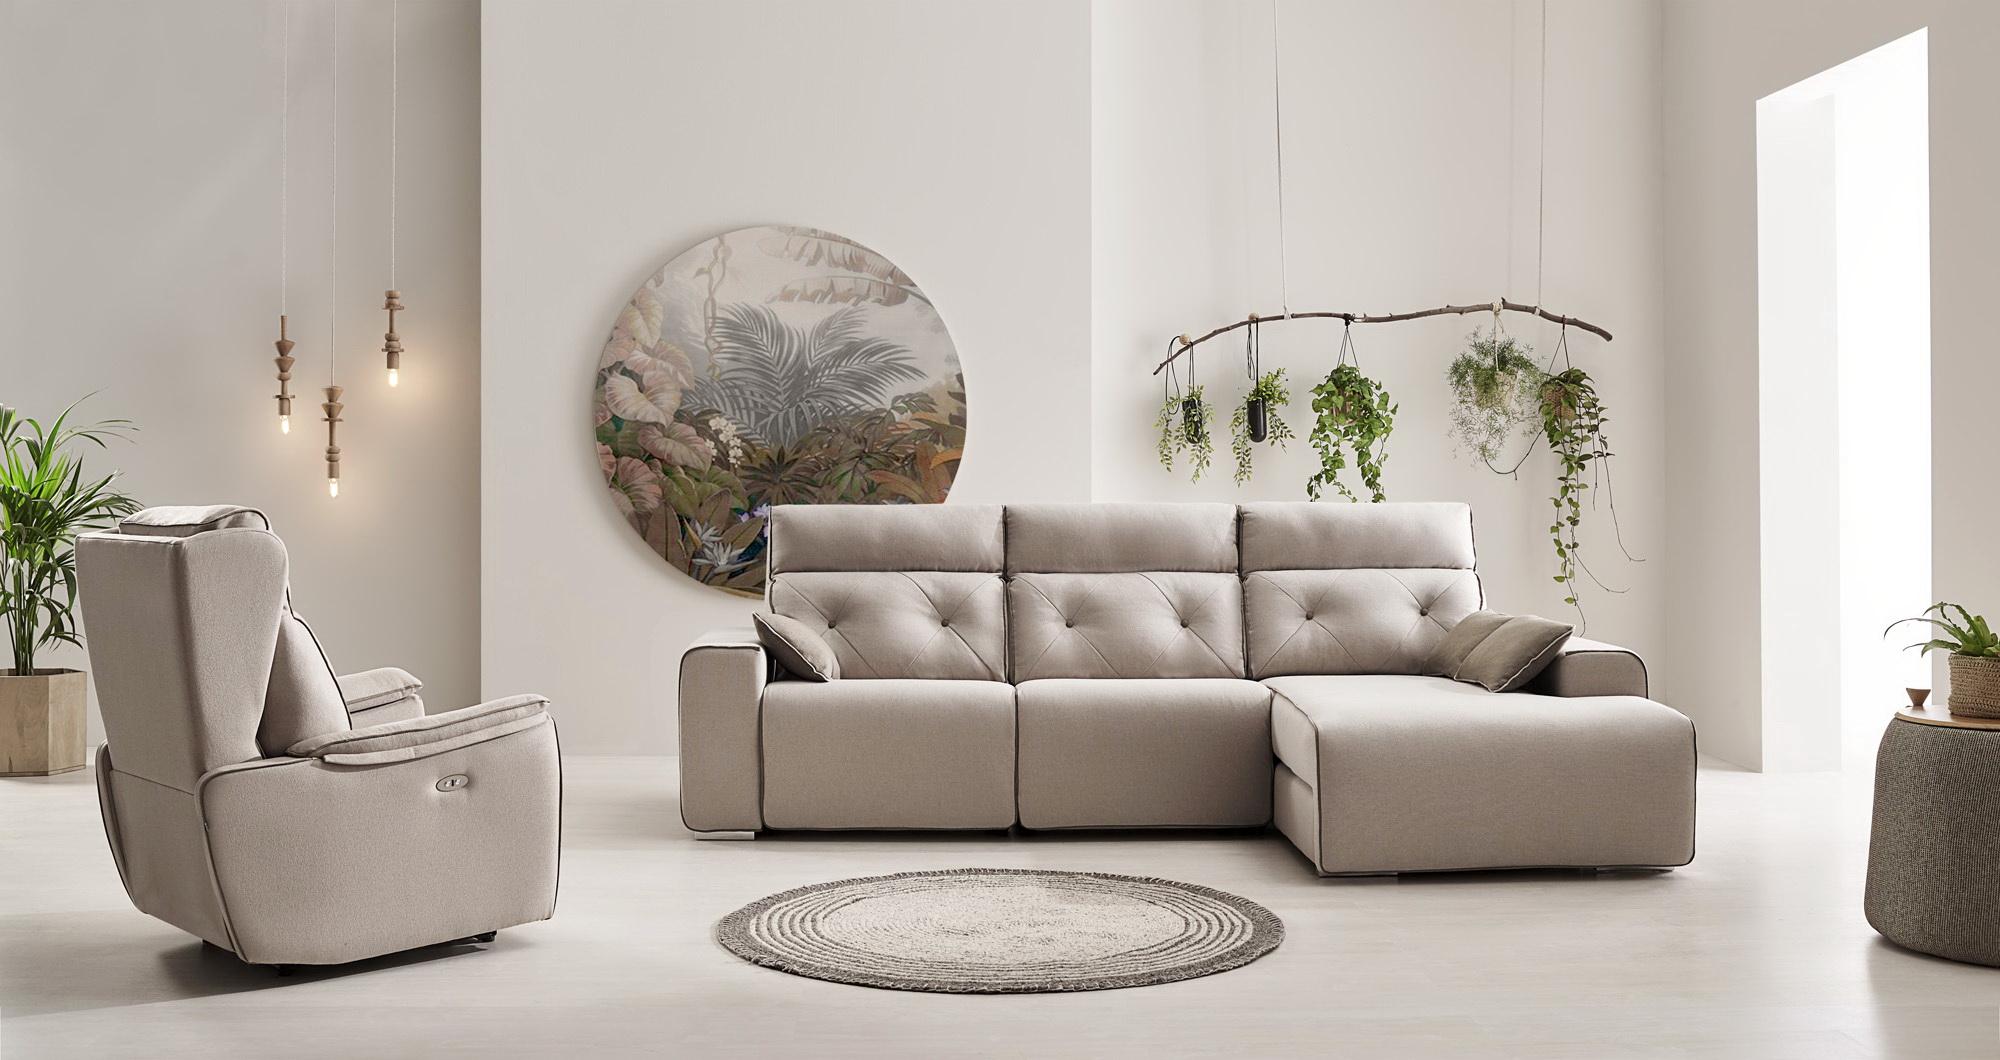 NATIVA sofá modular asientos relax o fijos by Reyes Ordoñez SOFÁ CHAISE-LONGUE Nativa sofá 001.4 de venta en Muebles ANTOÑÁN León